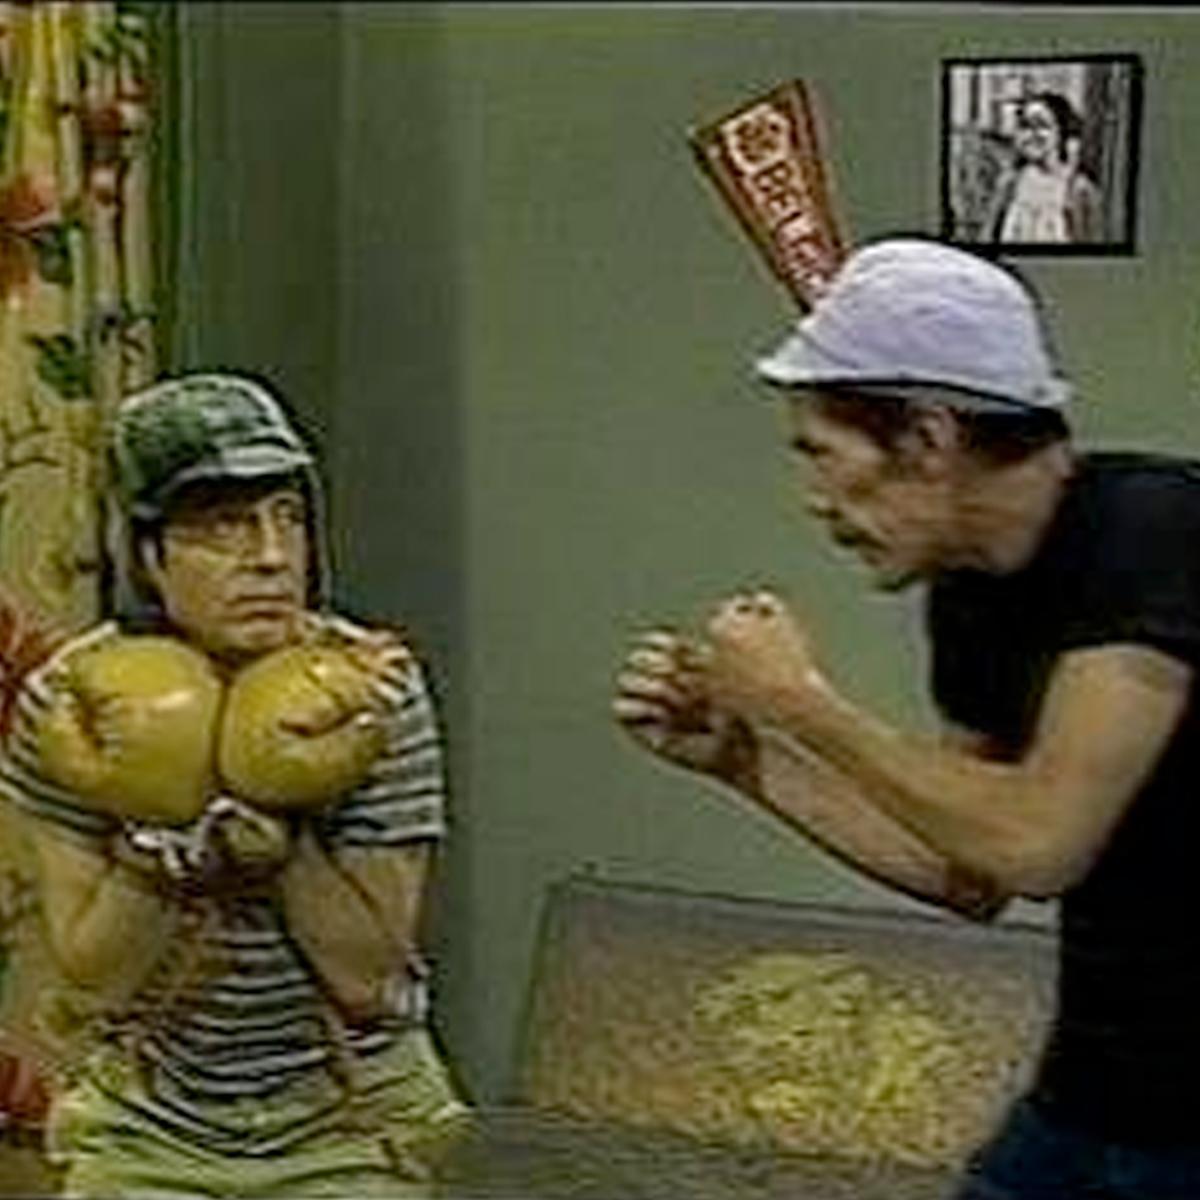 Até ele teve os seus momentos de lutador. Uma homenagem do @ufc_brasil a @ChespiritoRGB, o eterno Chaves http://t.co/wQSenqMvmg